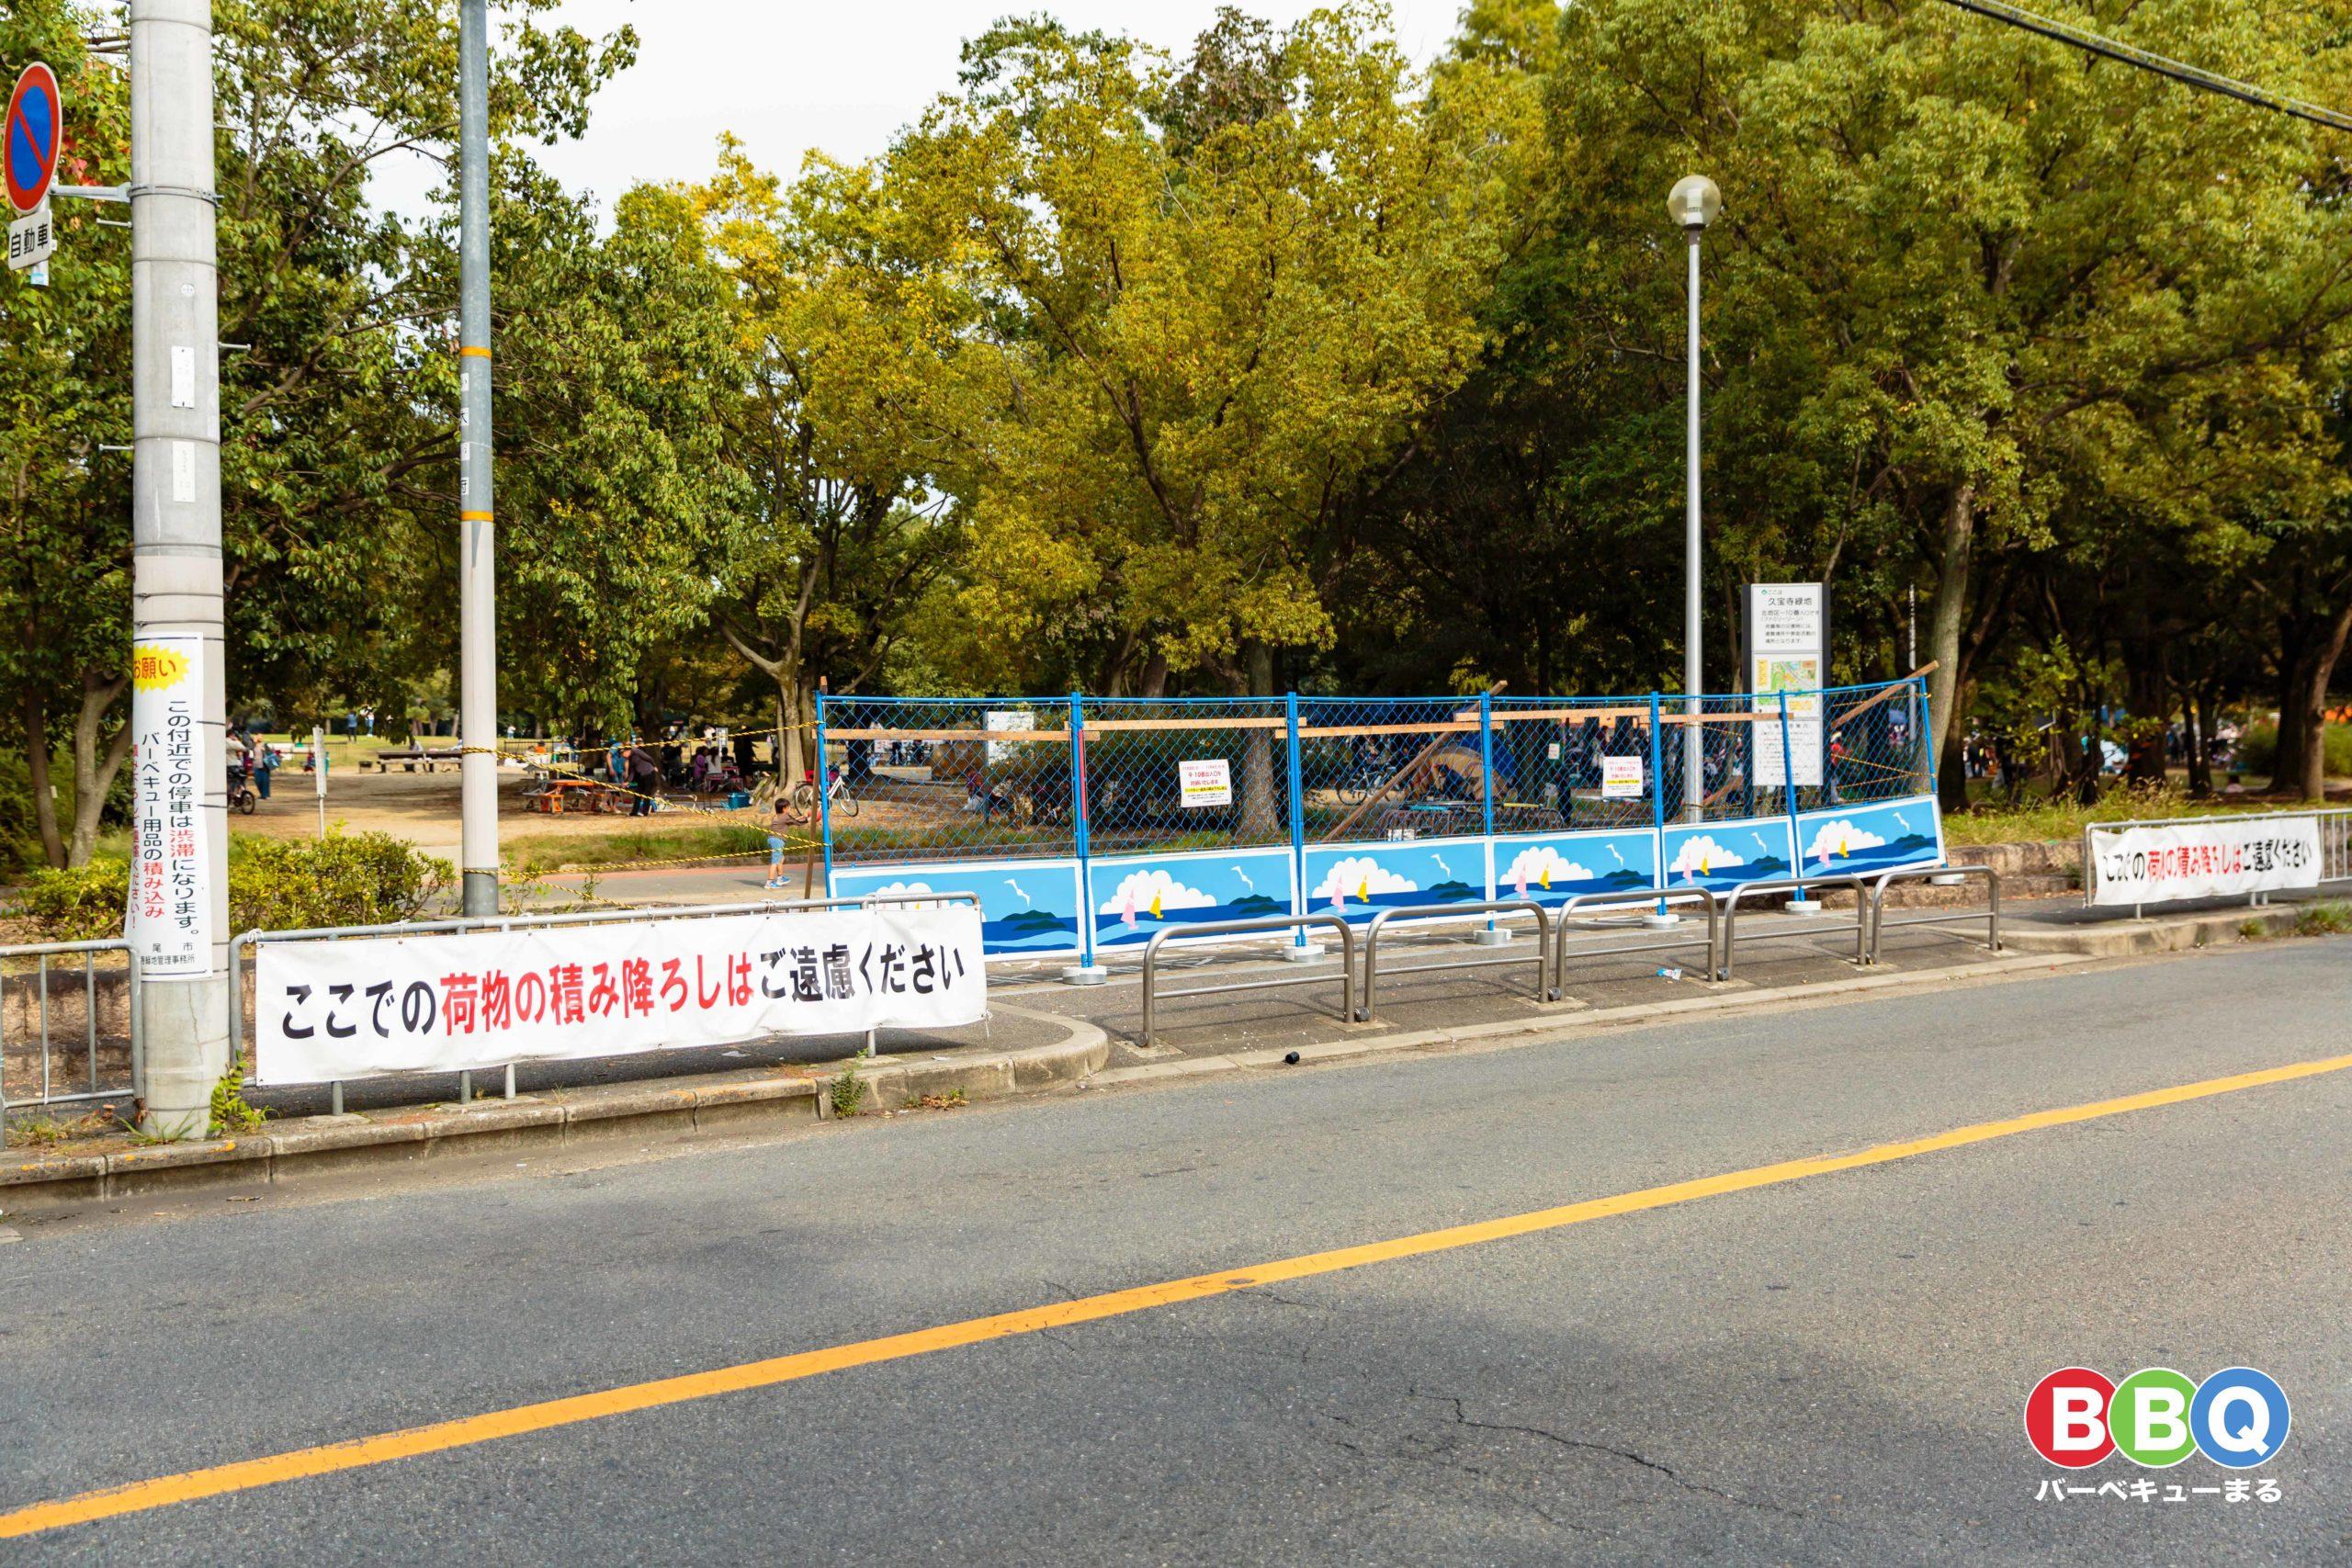 久宝寺緑地公園周辺道路に掲げられた駐車禁止の垂れ幕